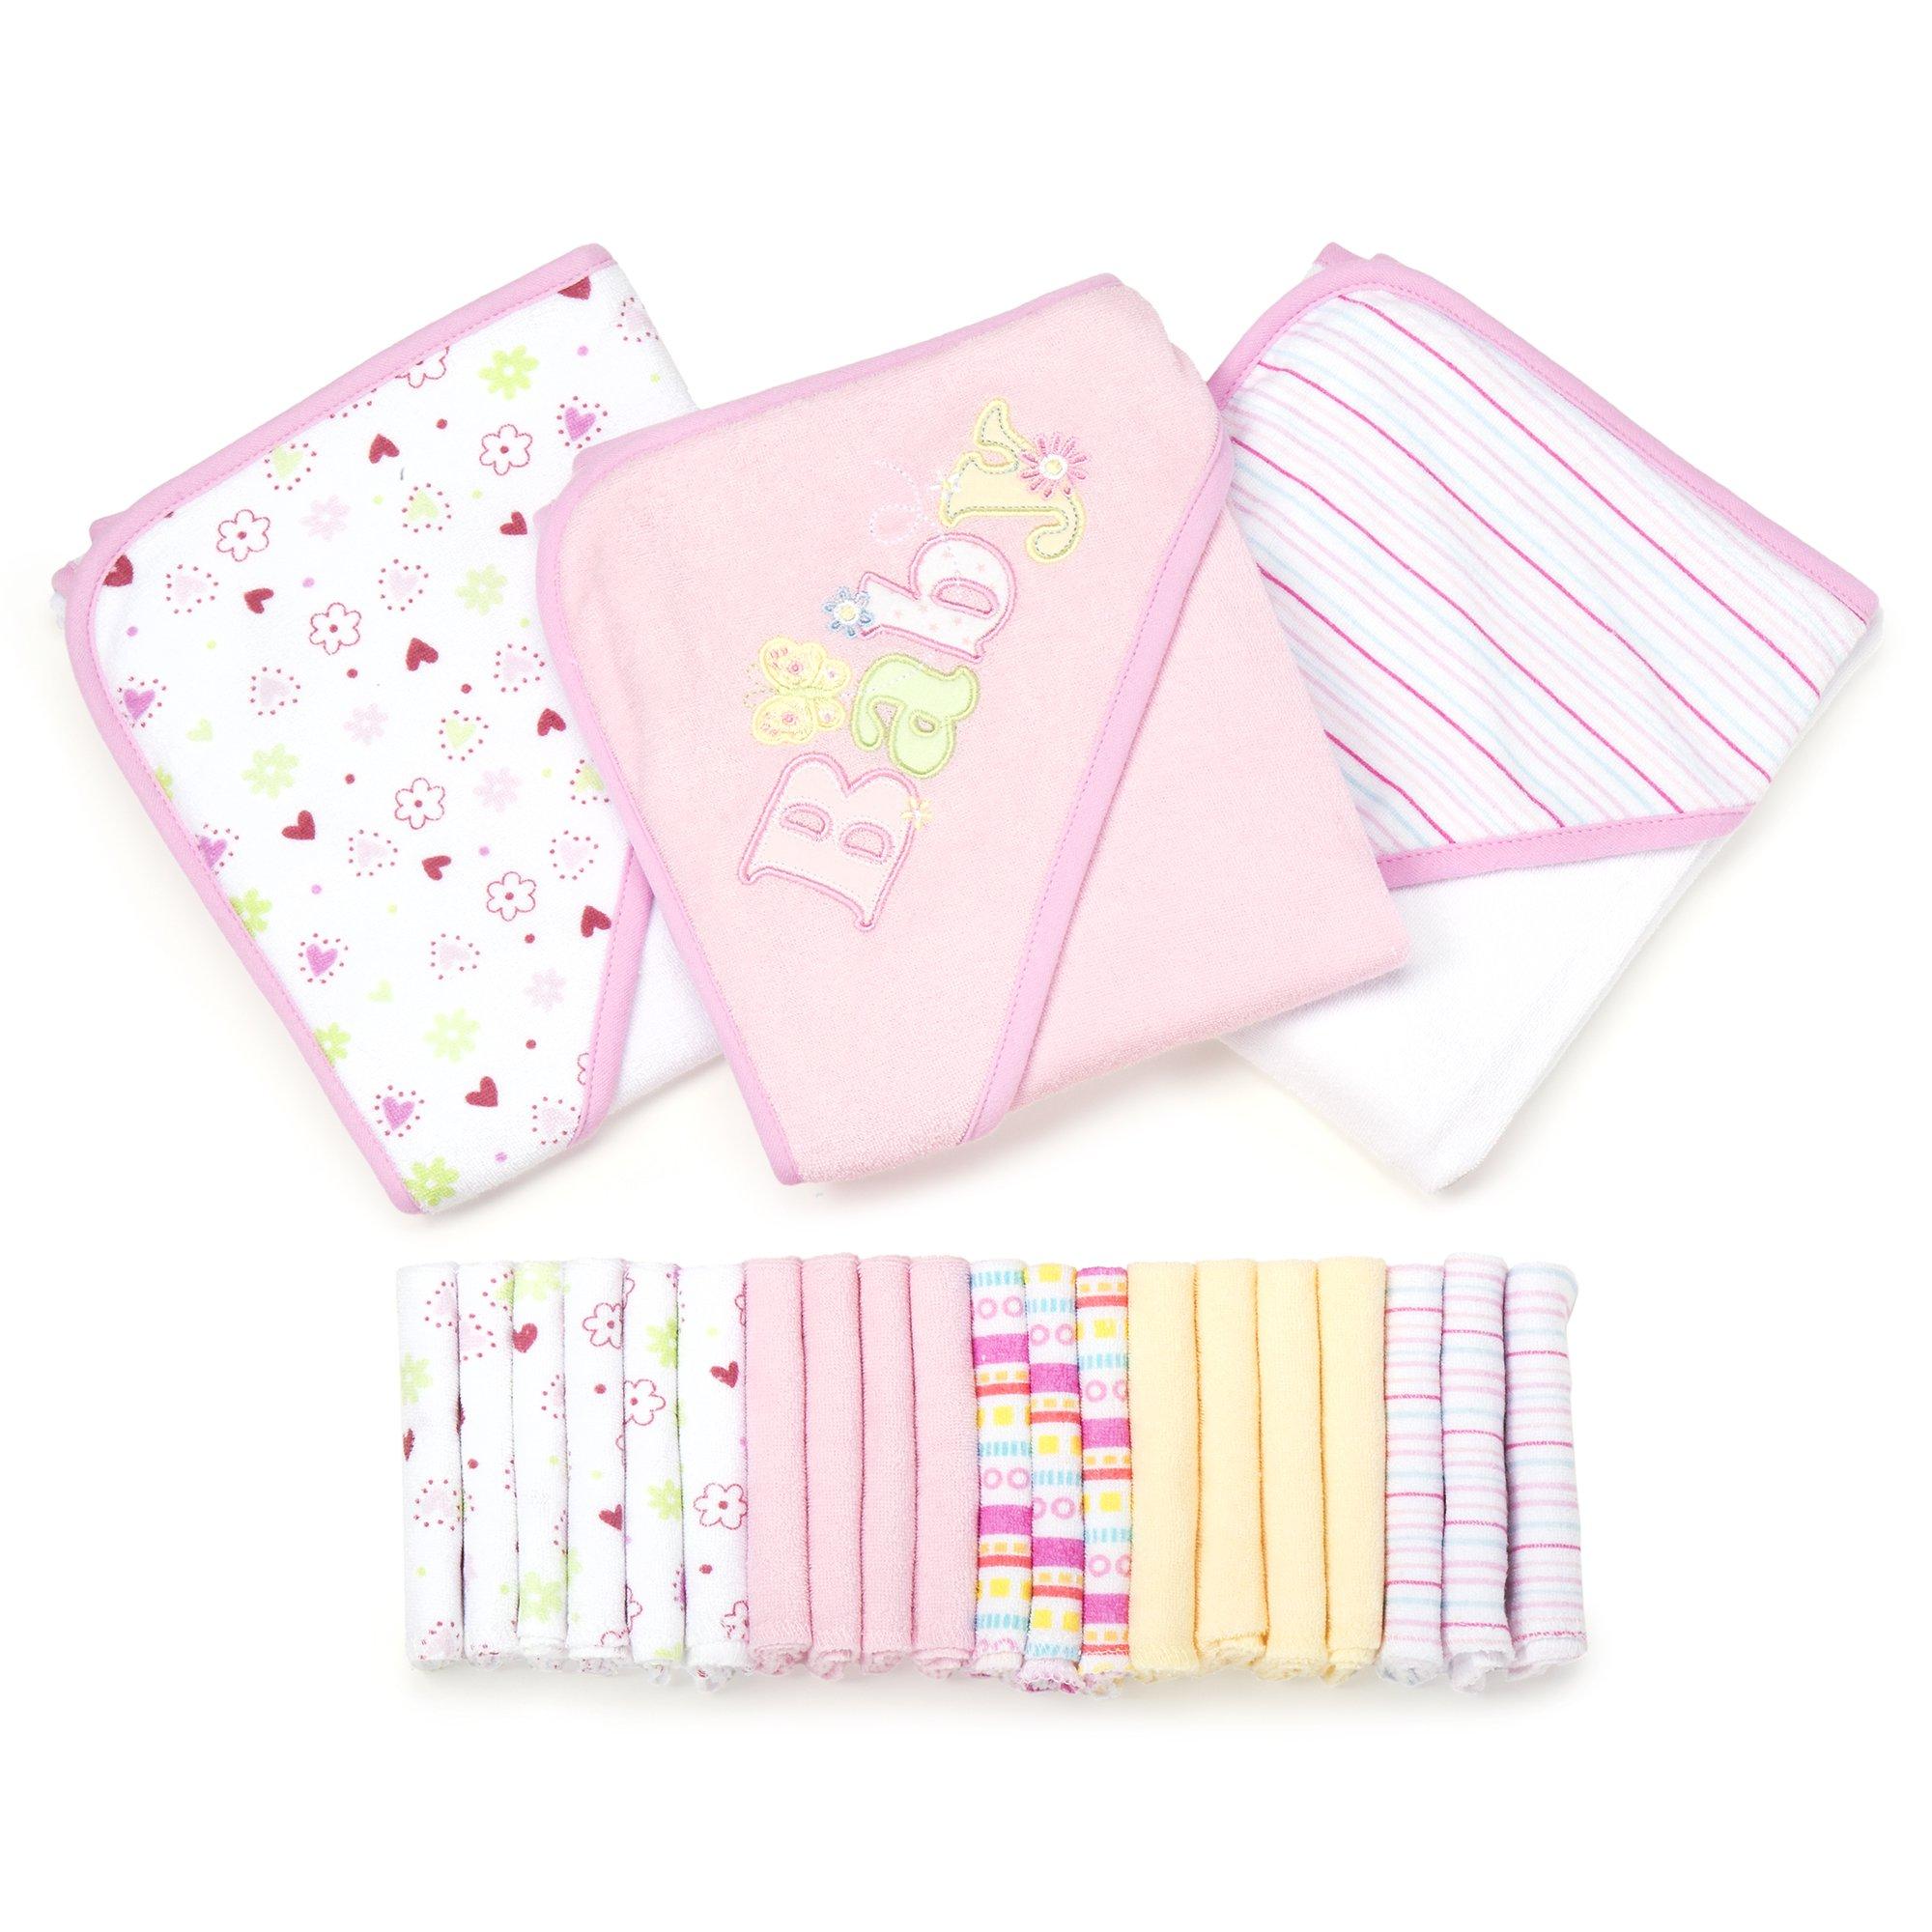 Spasilk 23-Piece Essential Baby Bath Gift Set, Pink